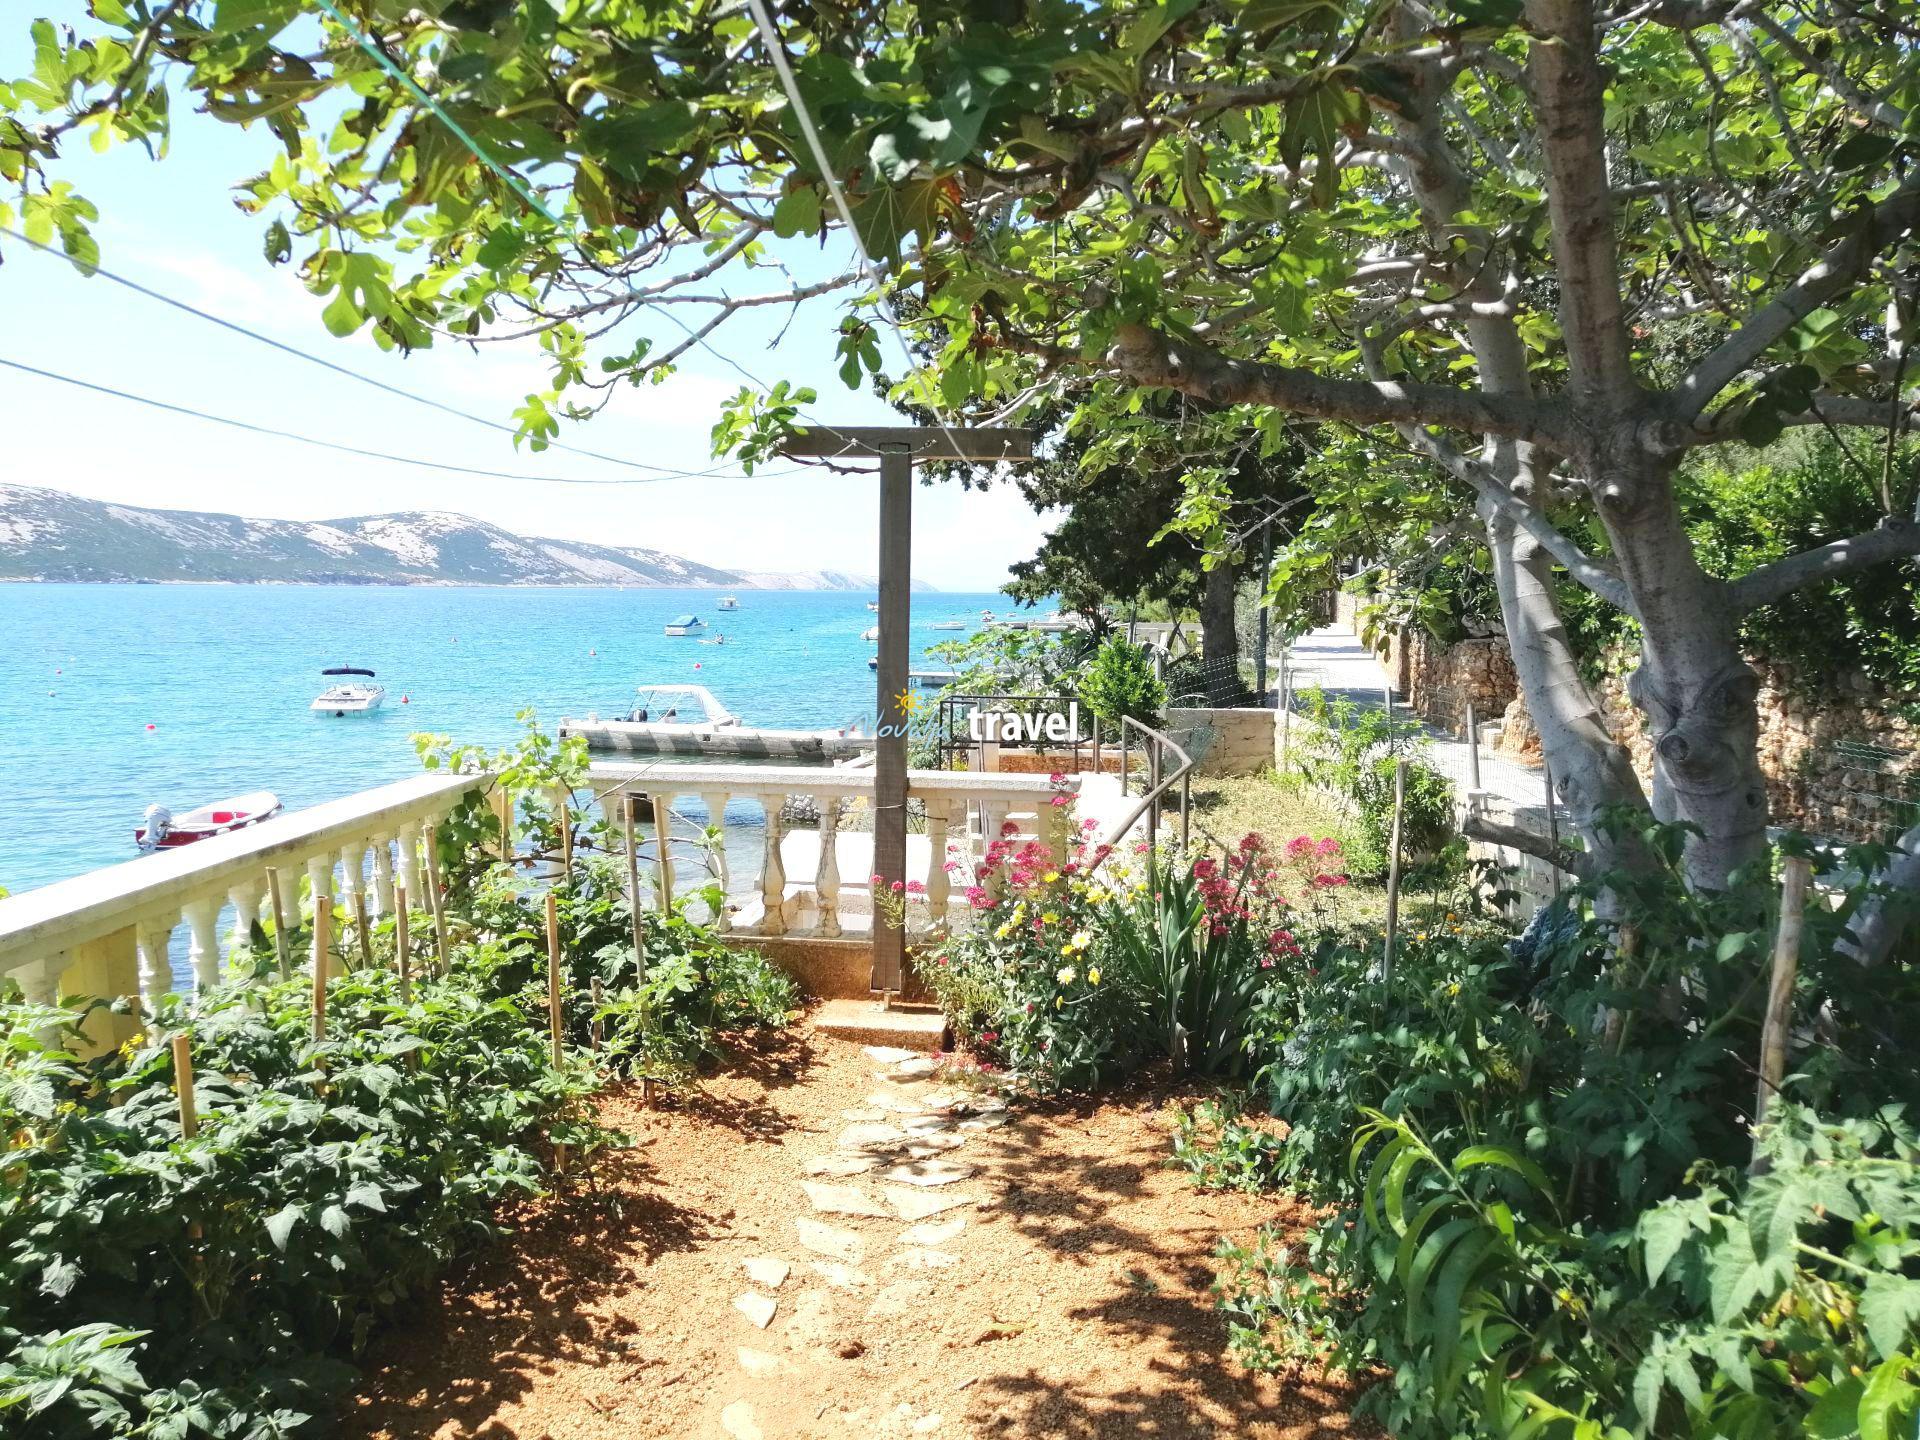 Casa Nives situata direttamente sul mare